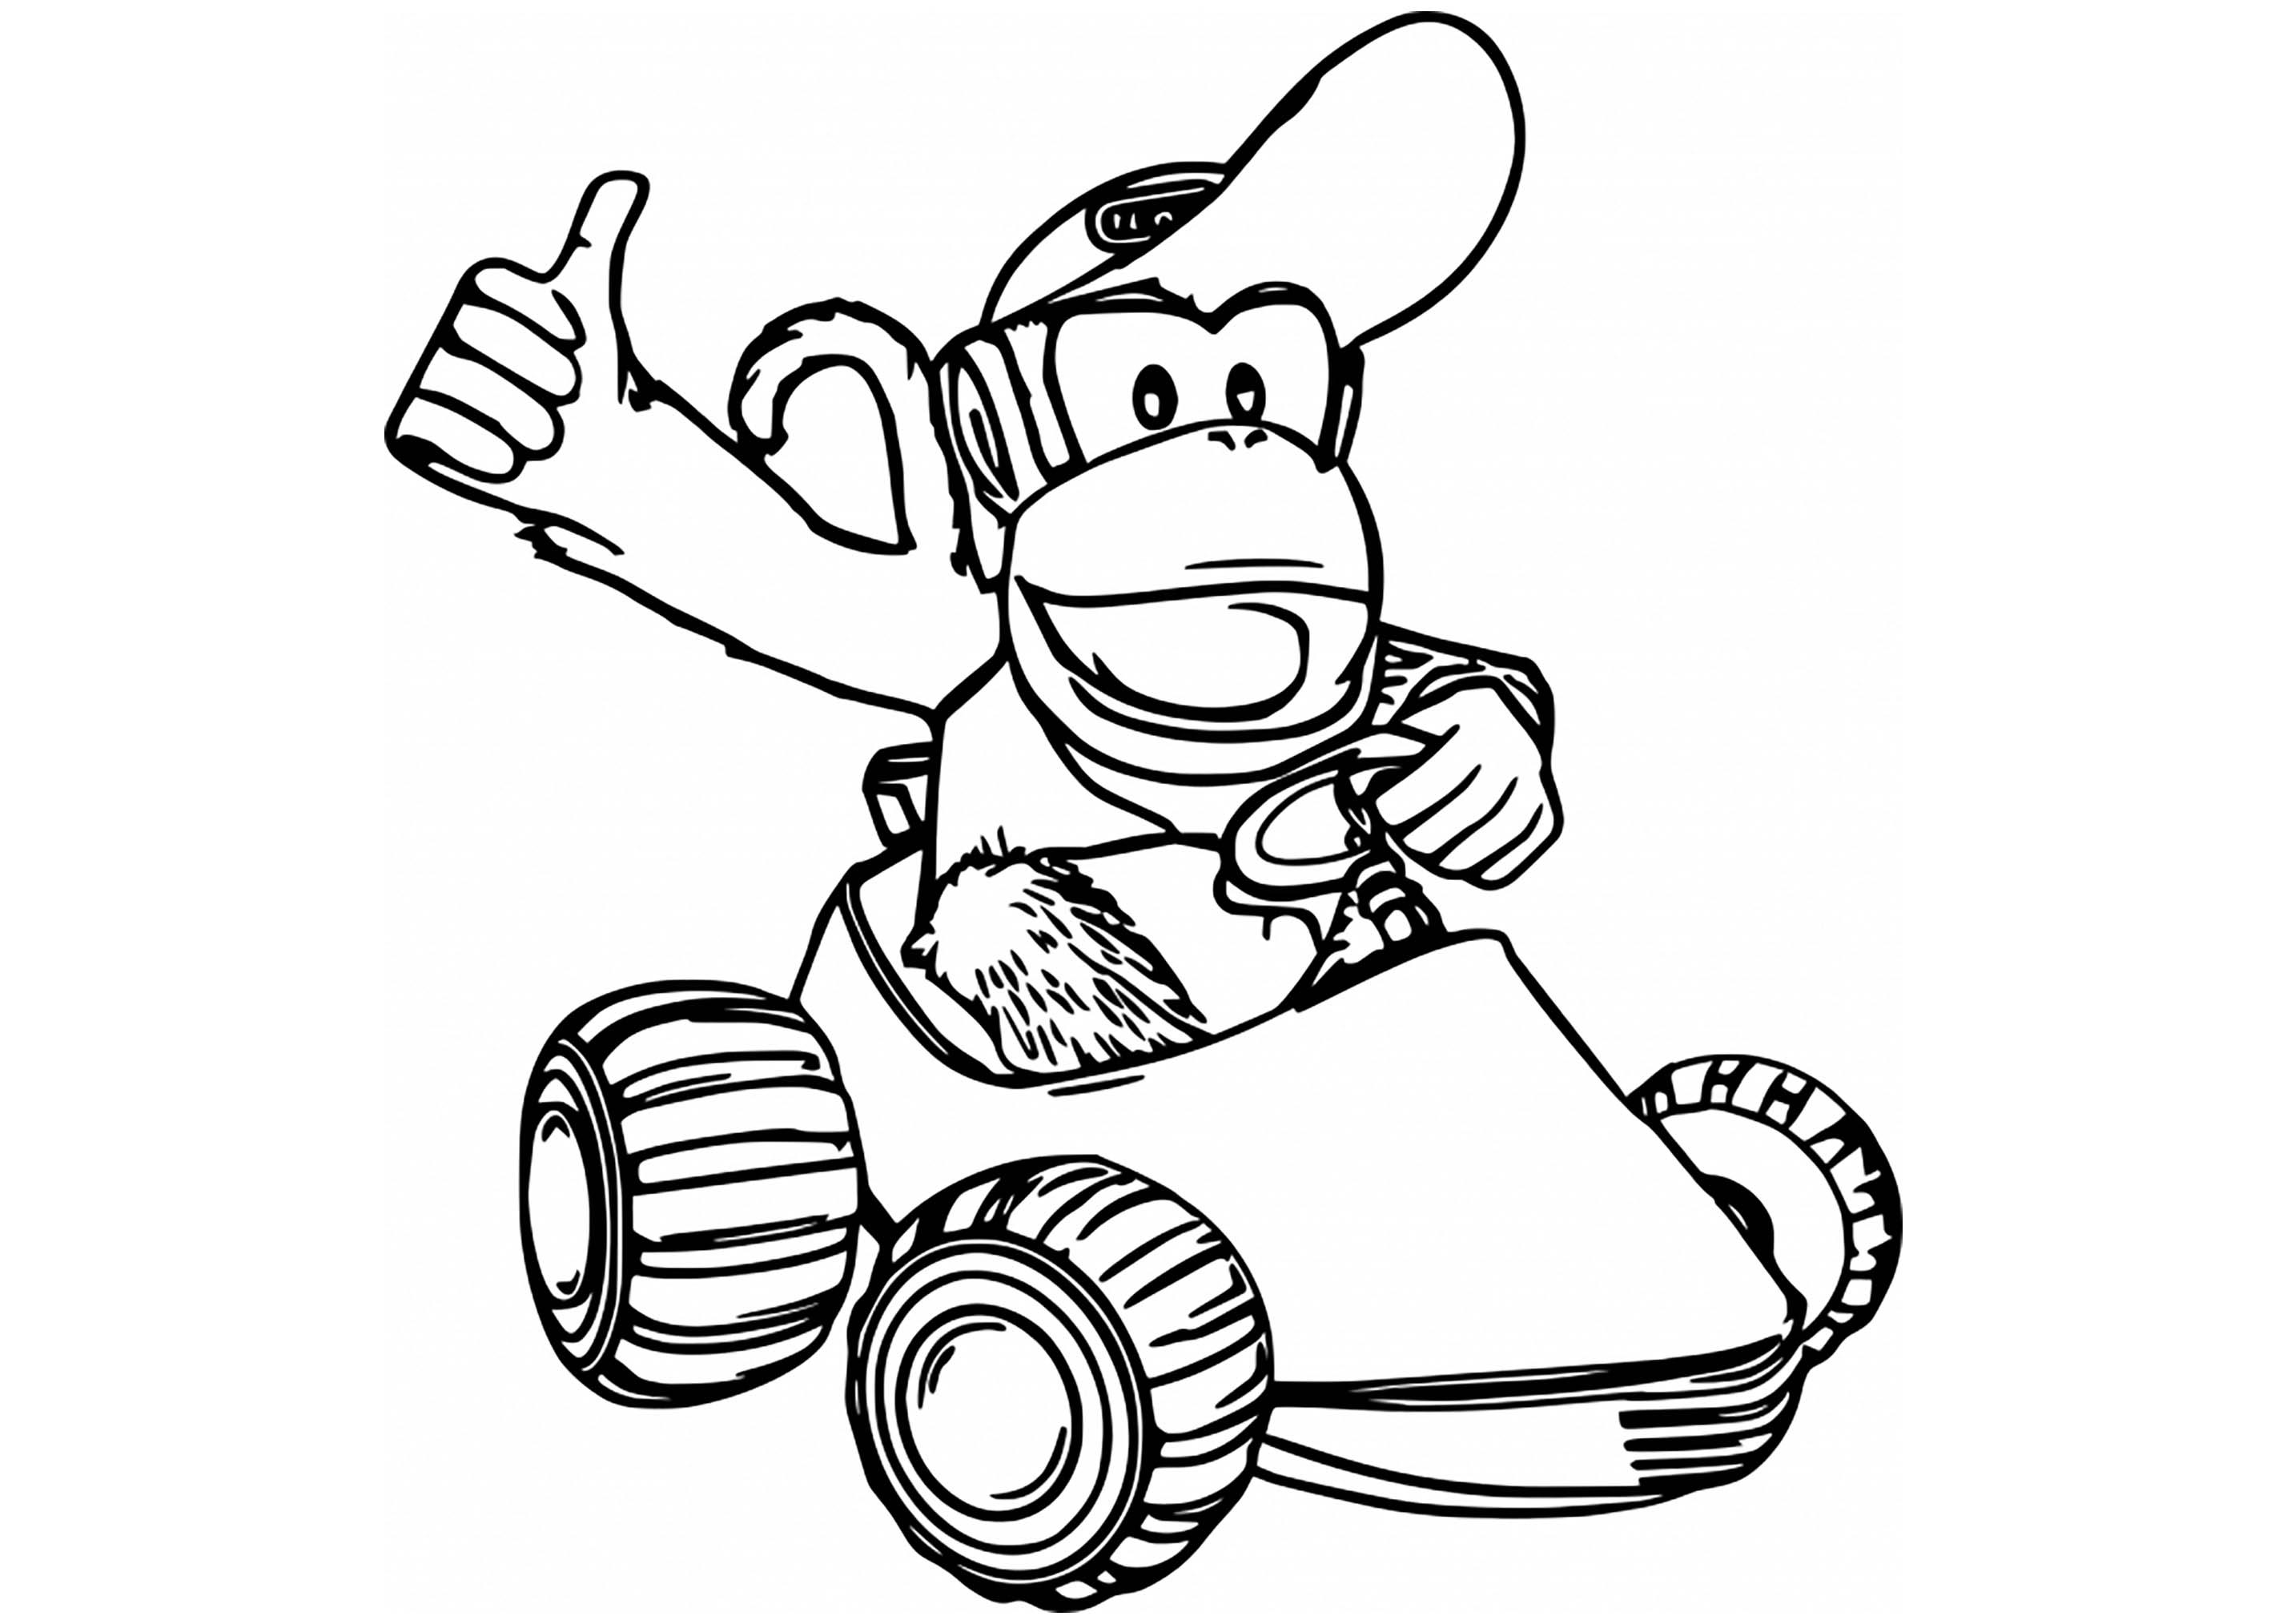 Mario Kart coloring page : Diddy Kong Kart